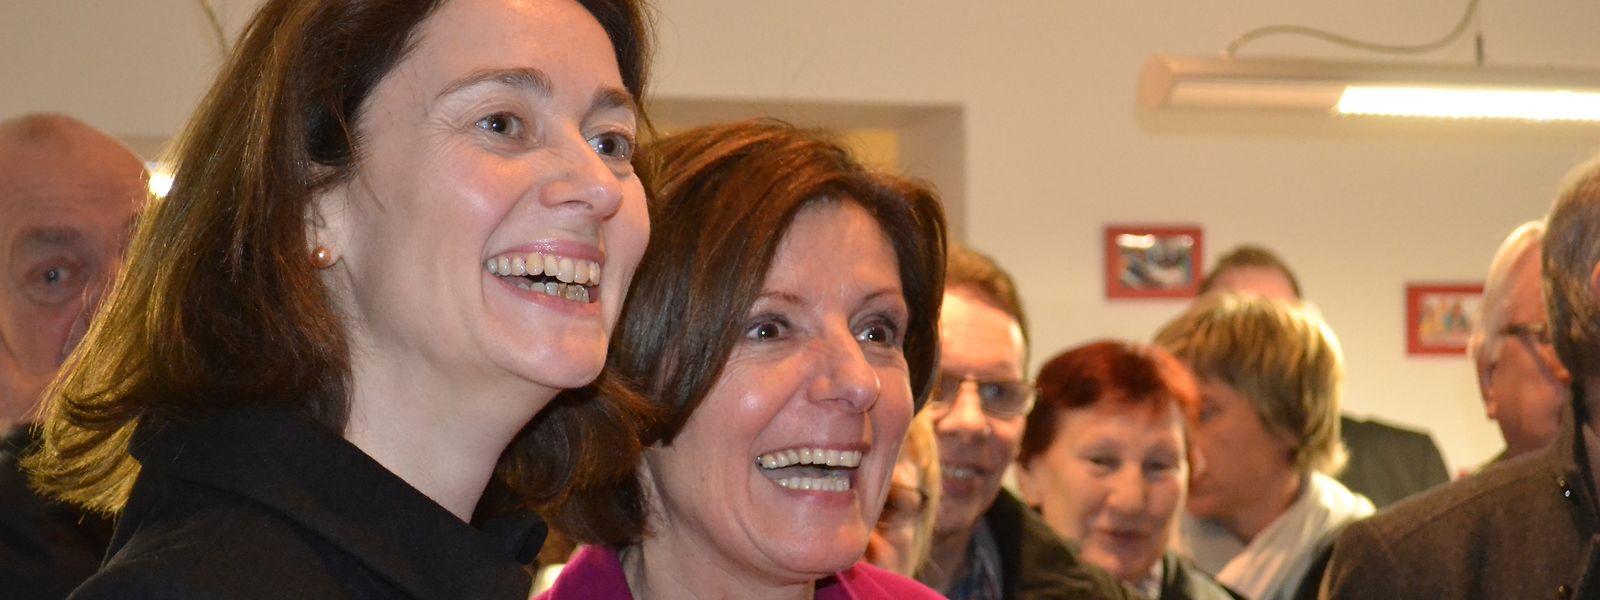 Die Triererin Katarina Barley (links, mit der rheinland-pfälzischen Ministerpräsidentin Malu Dreyer) rückt als Familienmnisterin in die Bundesregierung nach.